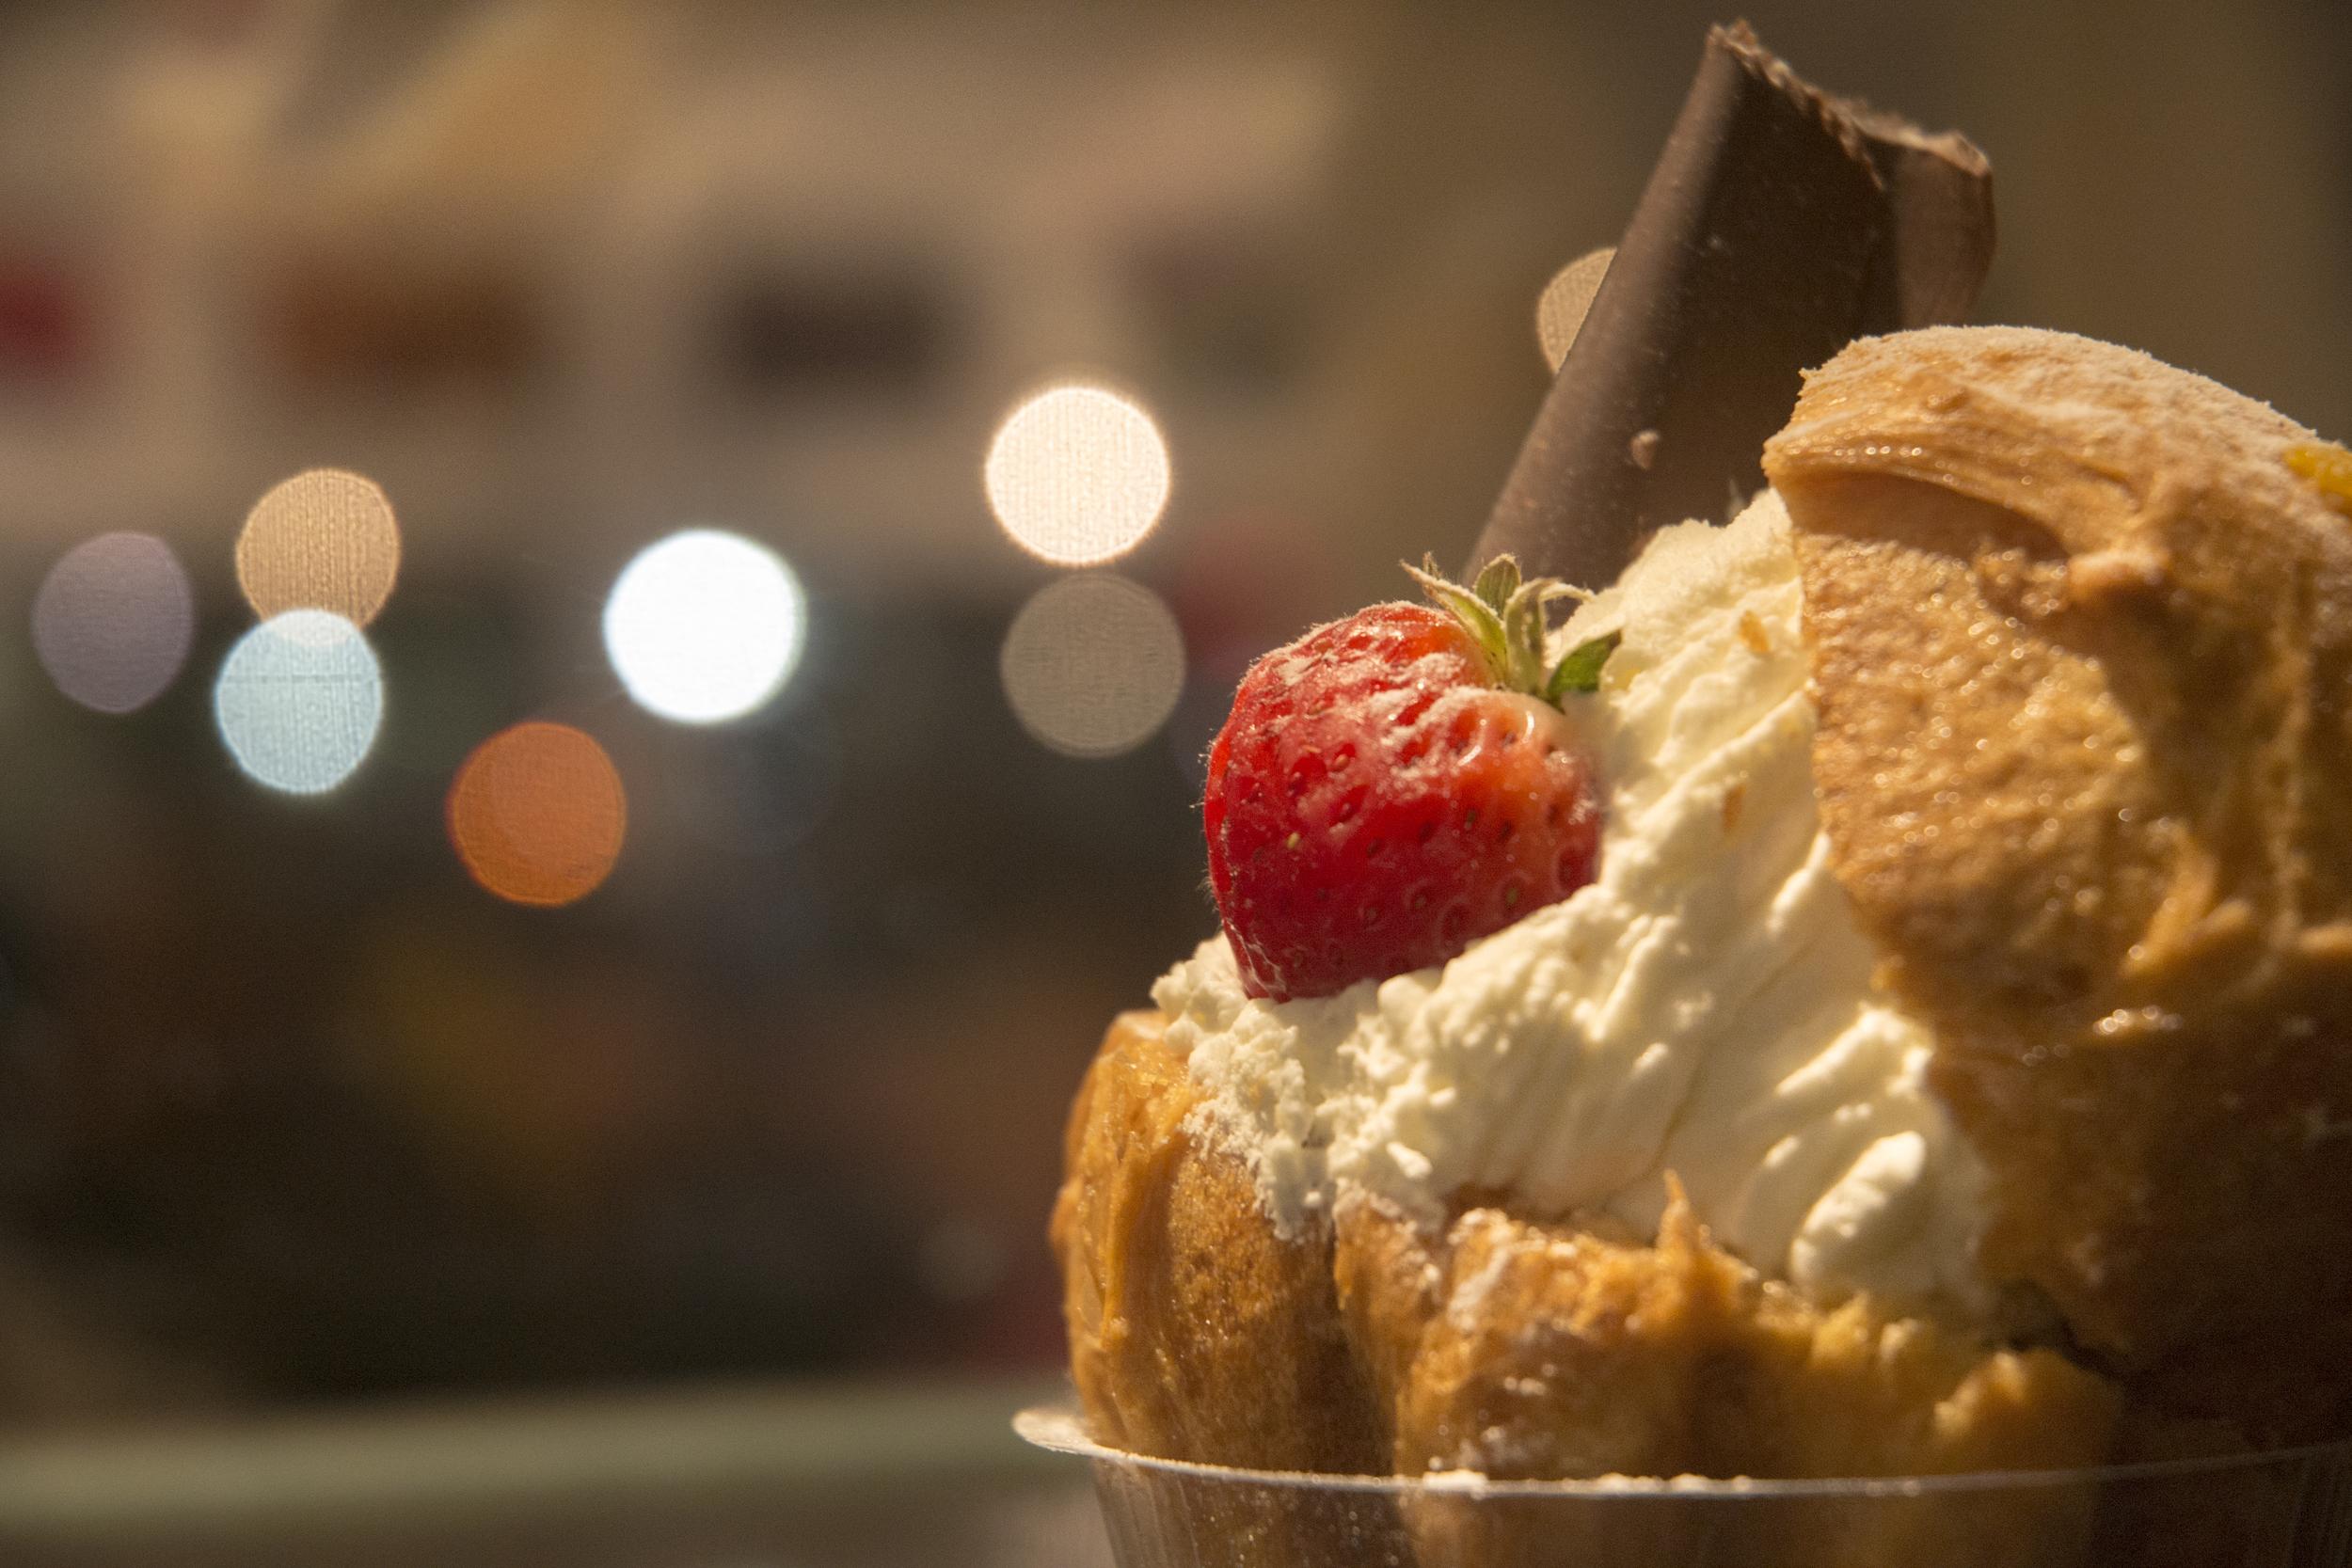 Gourmandise_Pastry_NiceDOF1.jpg